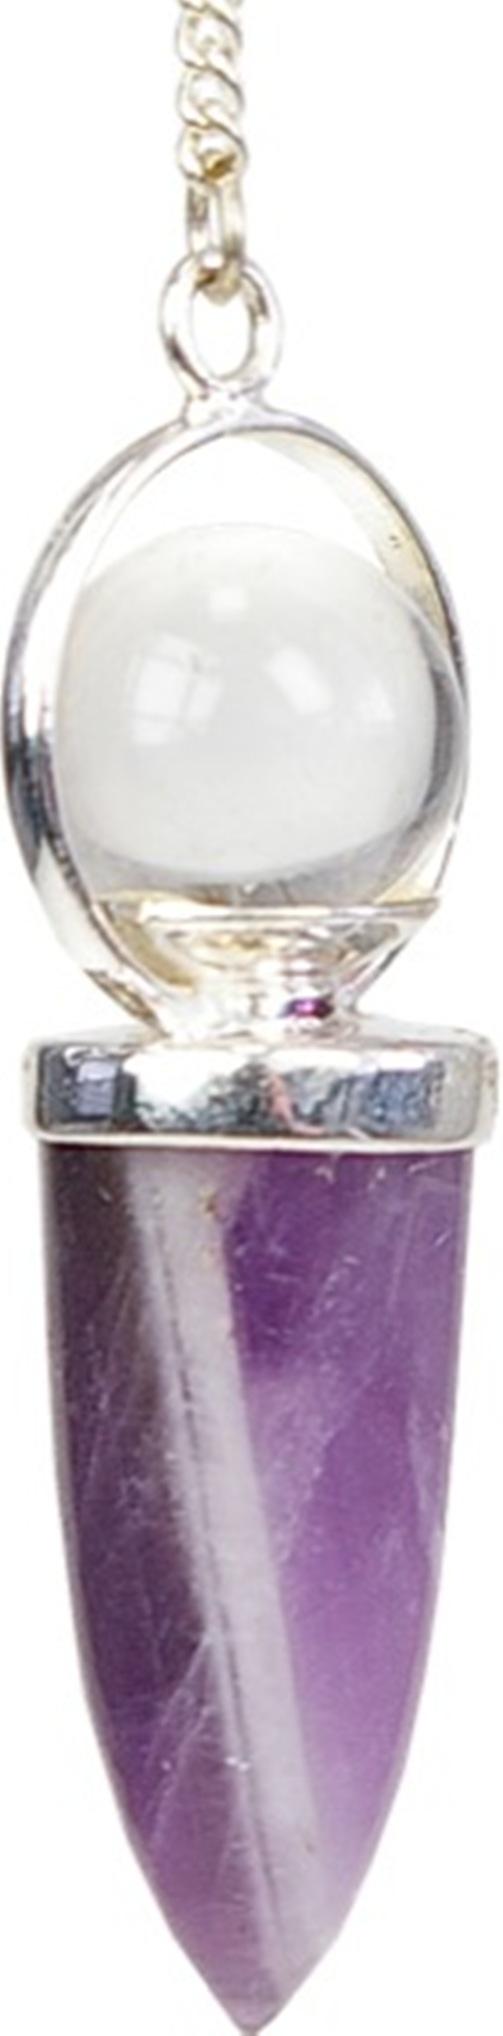 Pendule Améthyste avec Bille de cristal